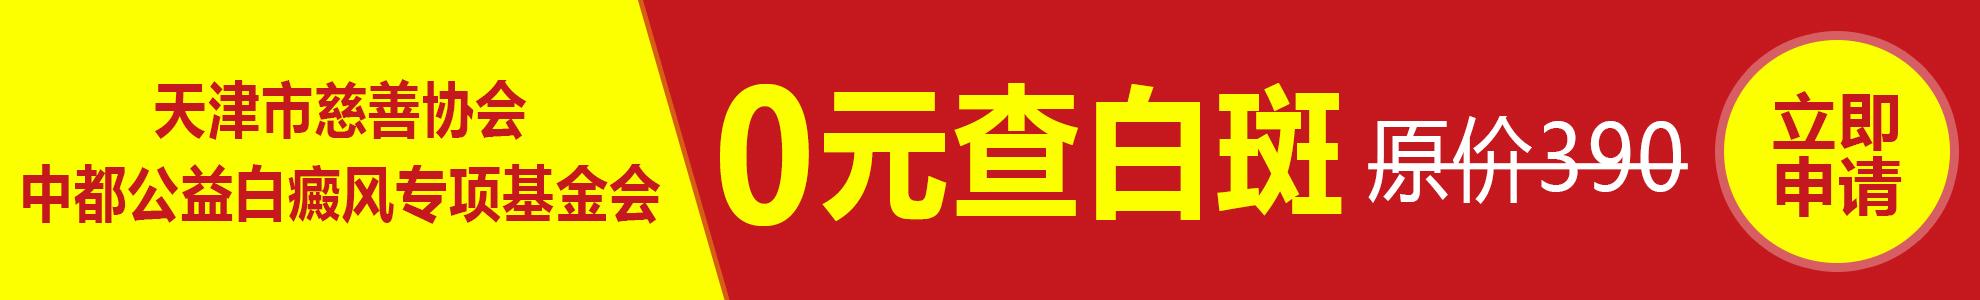 沧州白癜风医院